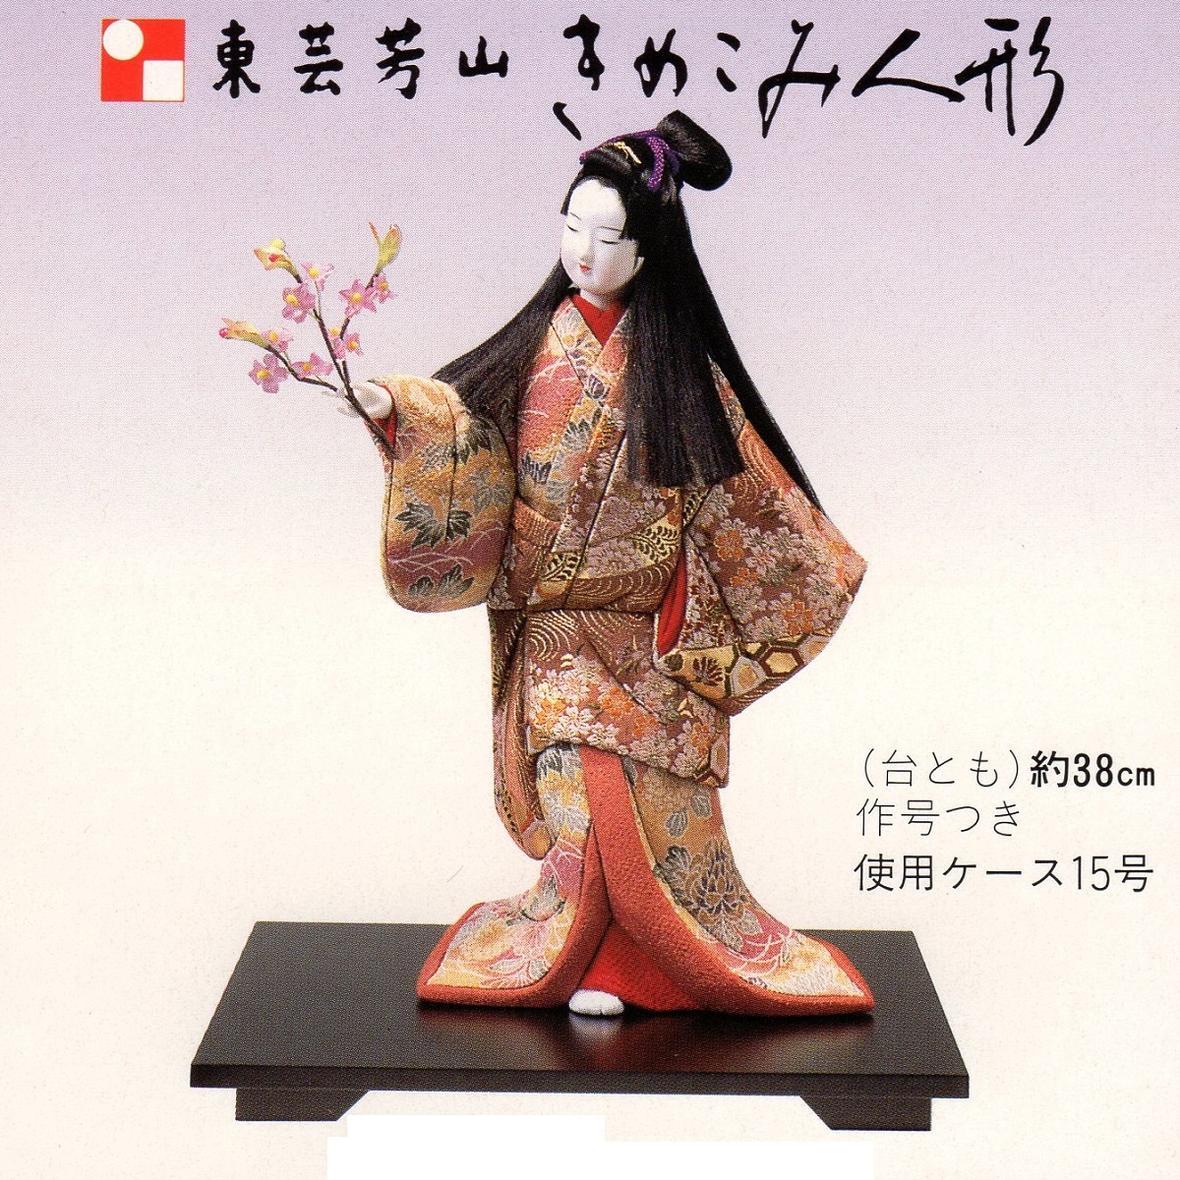 東芸 木目込人形キット「立姿・舞ごよみ」 S243-15